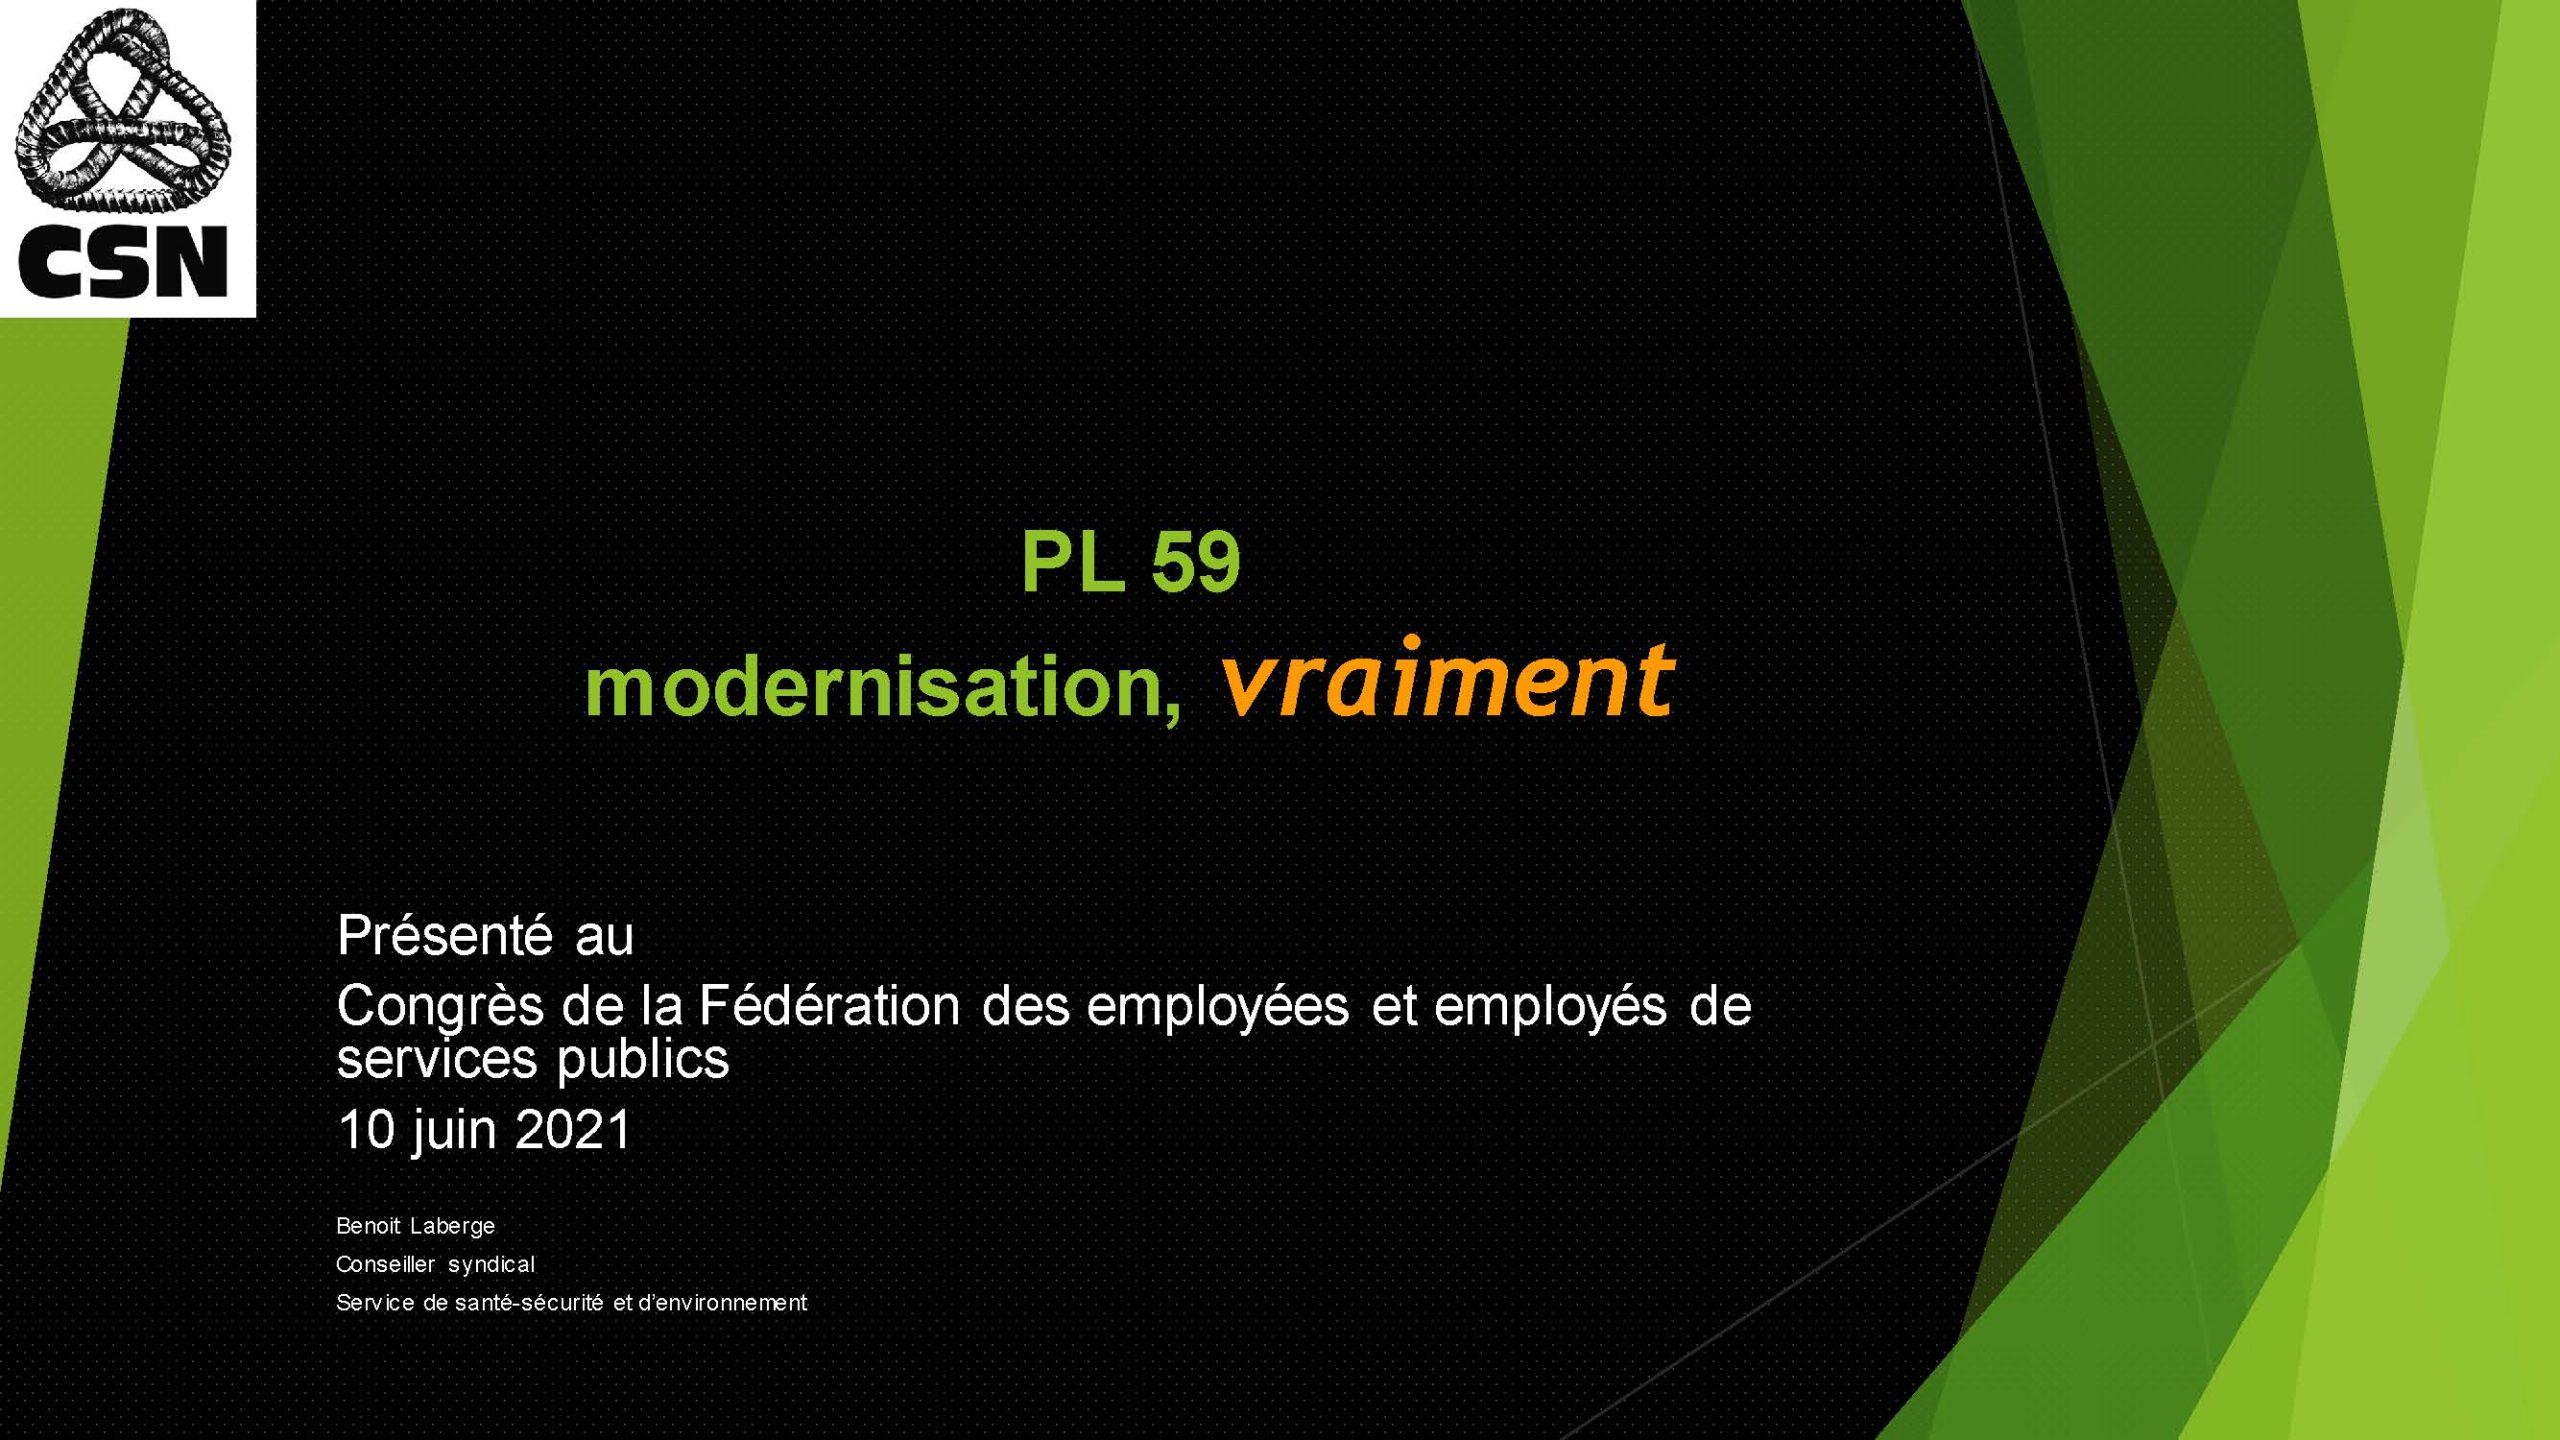 Présentation de Benoit Laberge, conseiller syndical au Service de santé, sécurité et environnement de la CSN, au 28e Congrès de la FEESP